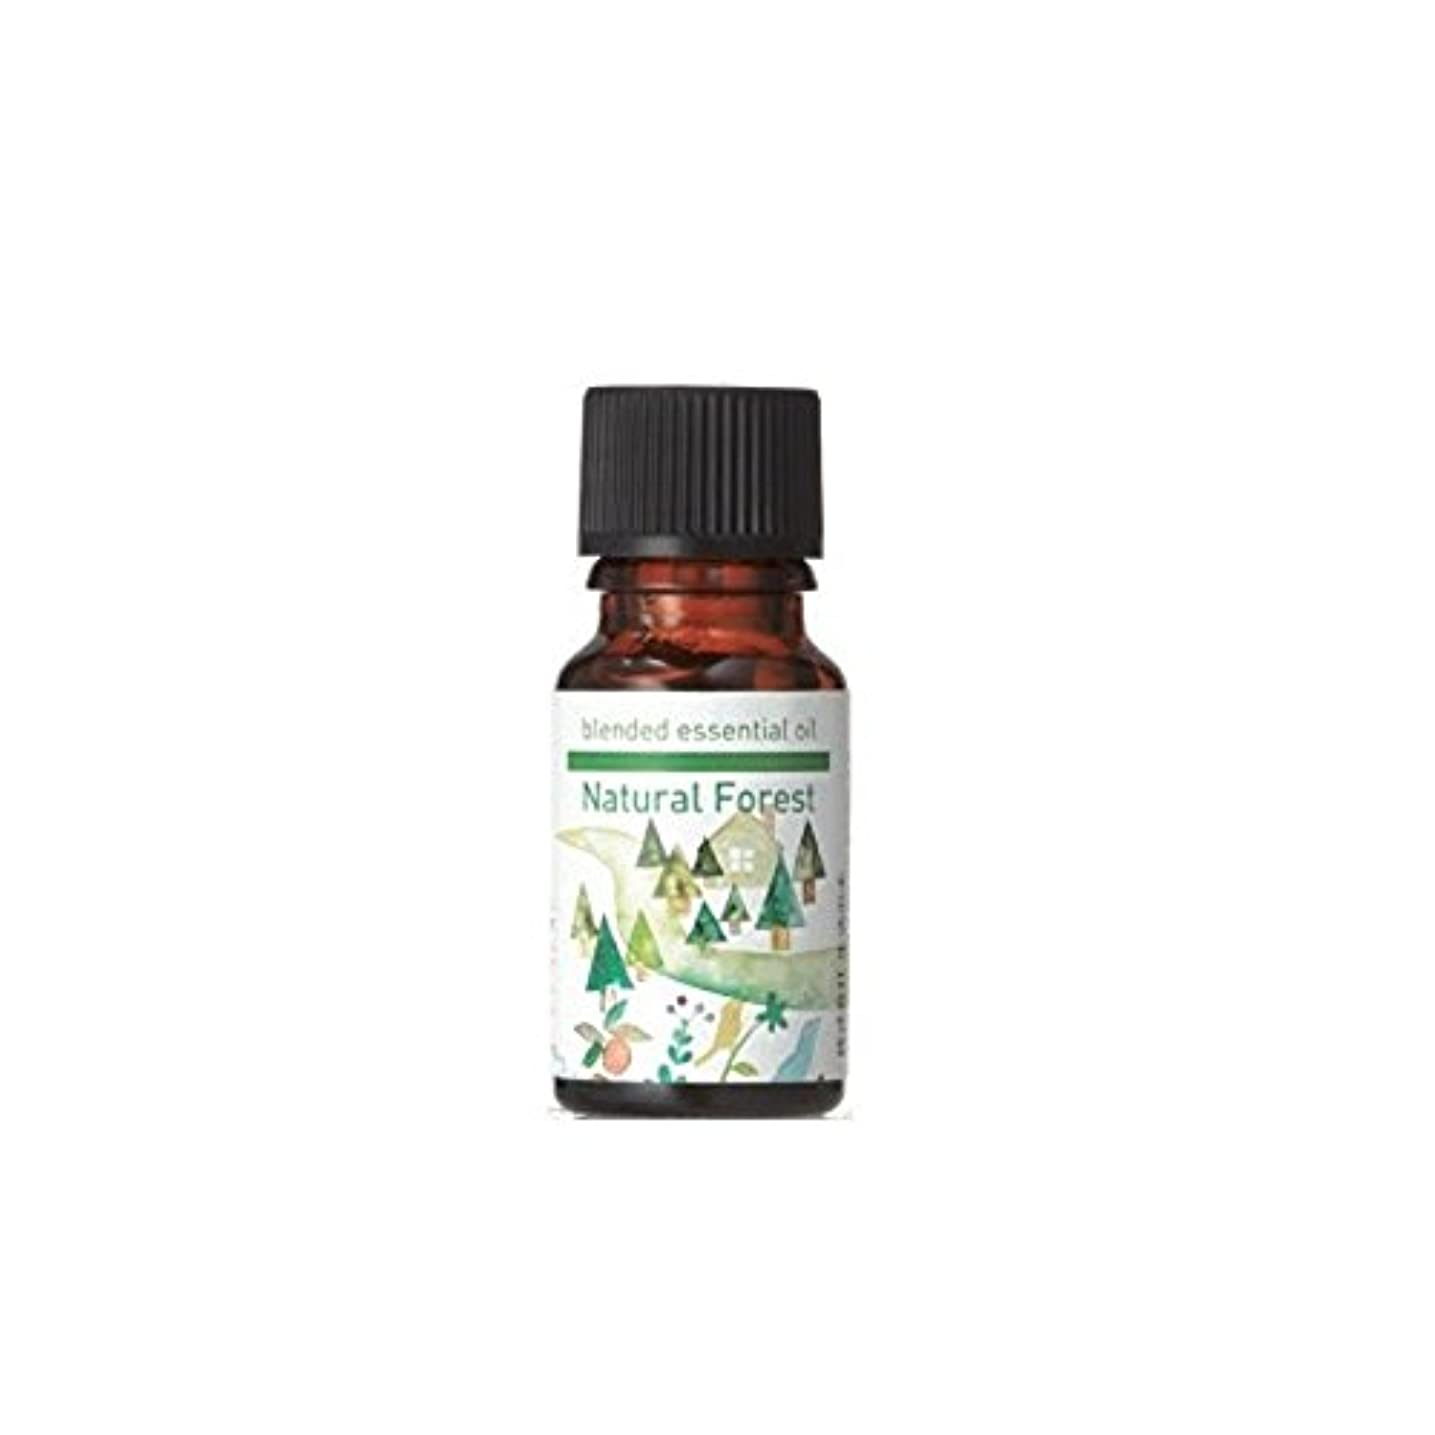 ペチュランス収穫広げる生活の木 ブレンドエッセンシャルオイル ナチュラルフォレスト [30ml] エッセンシャルオイル/精油